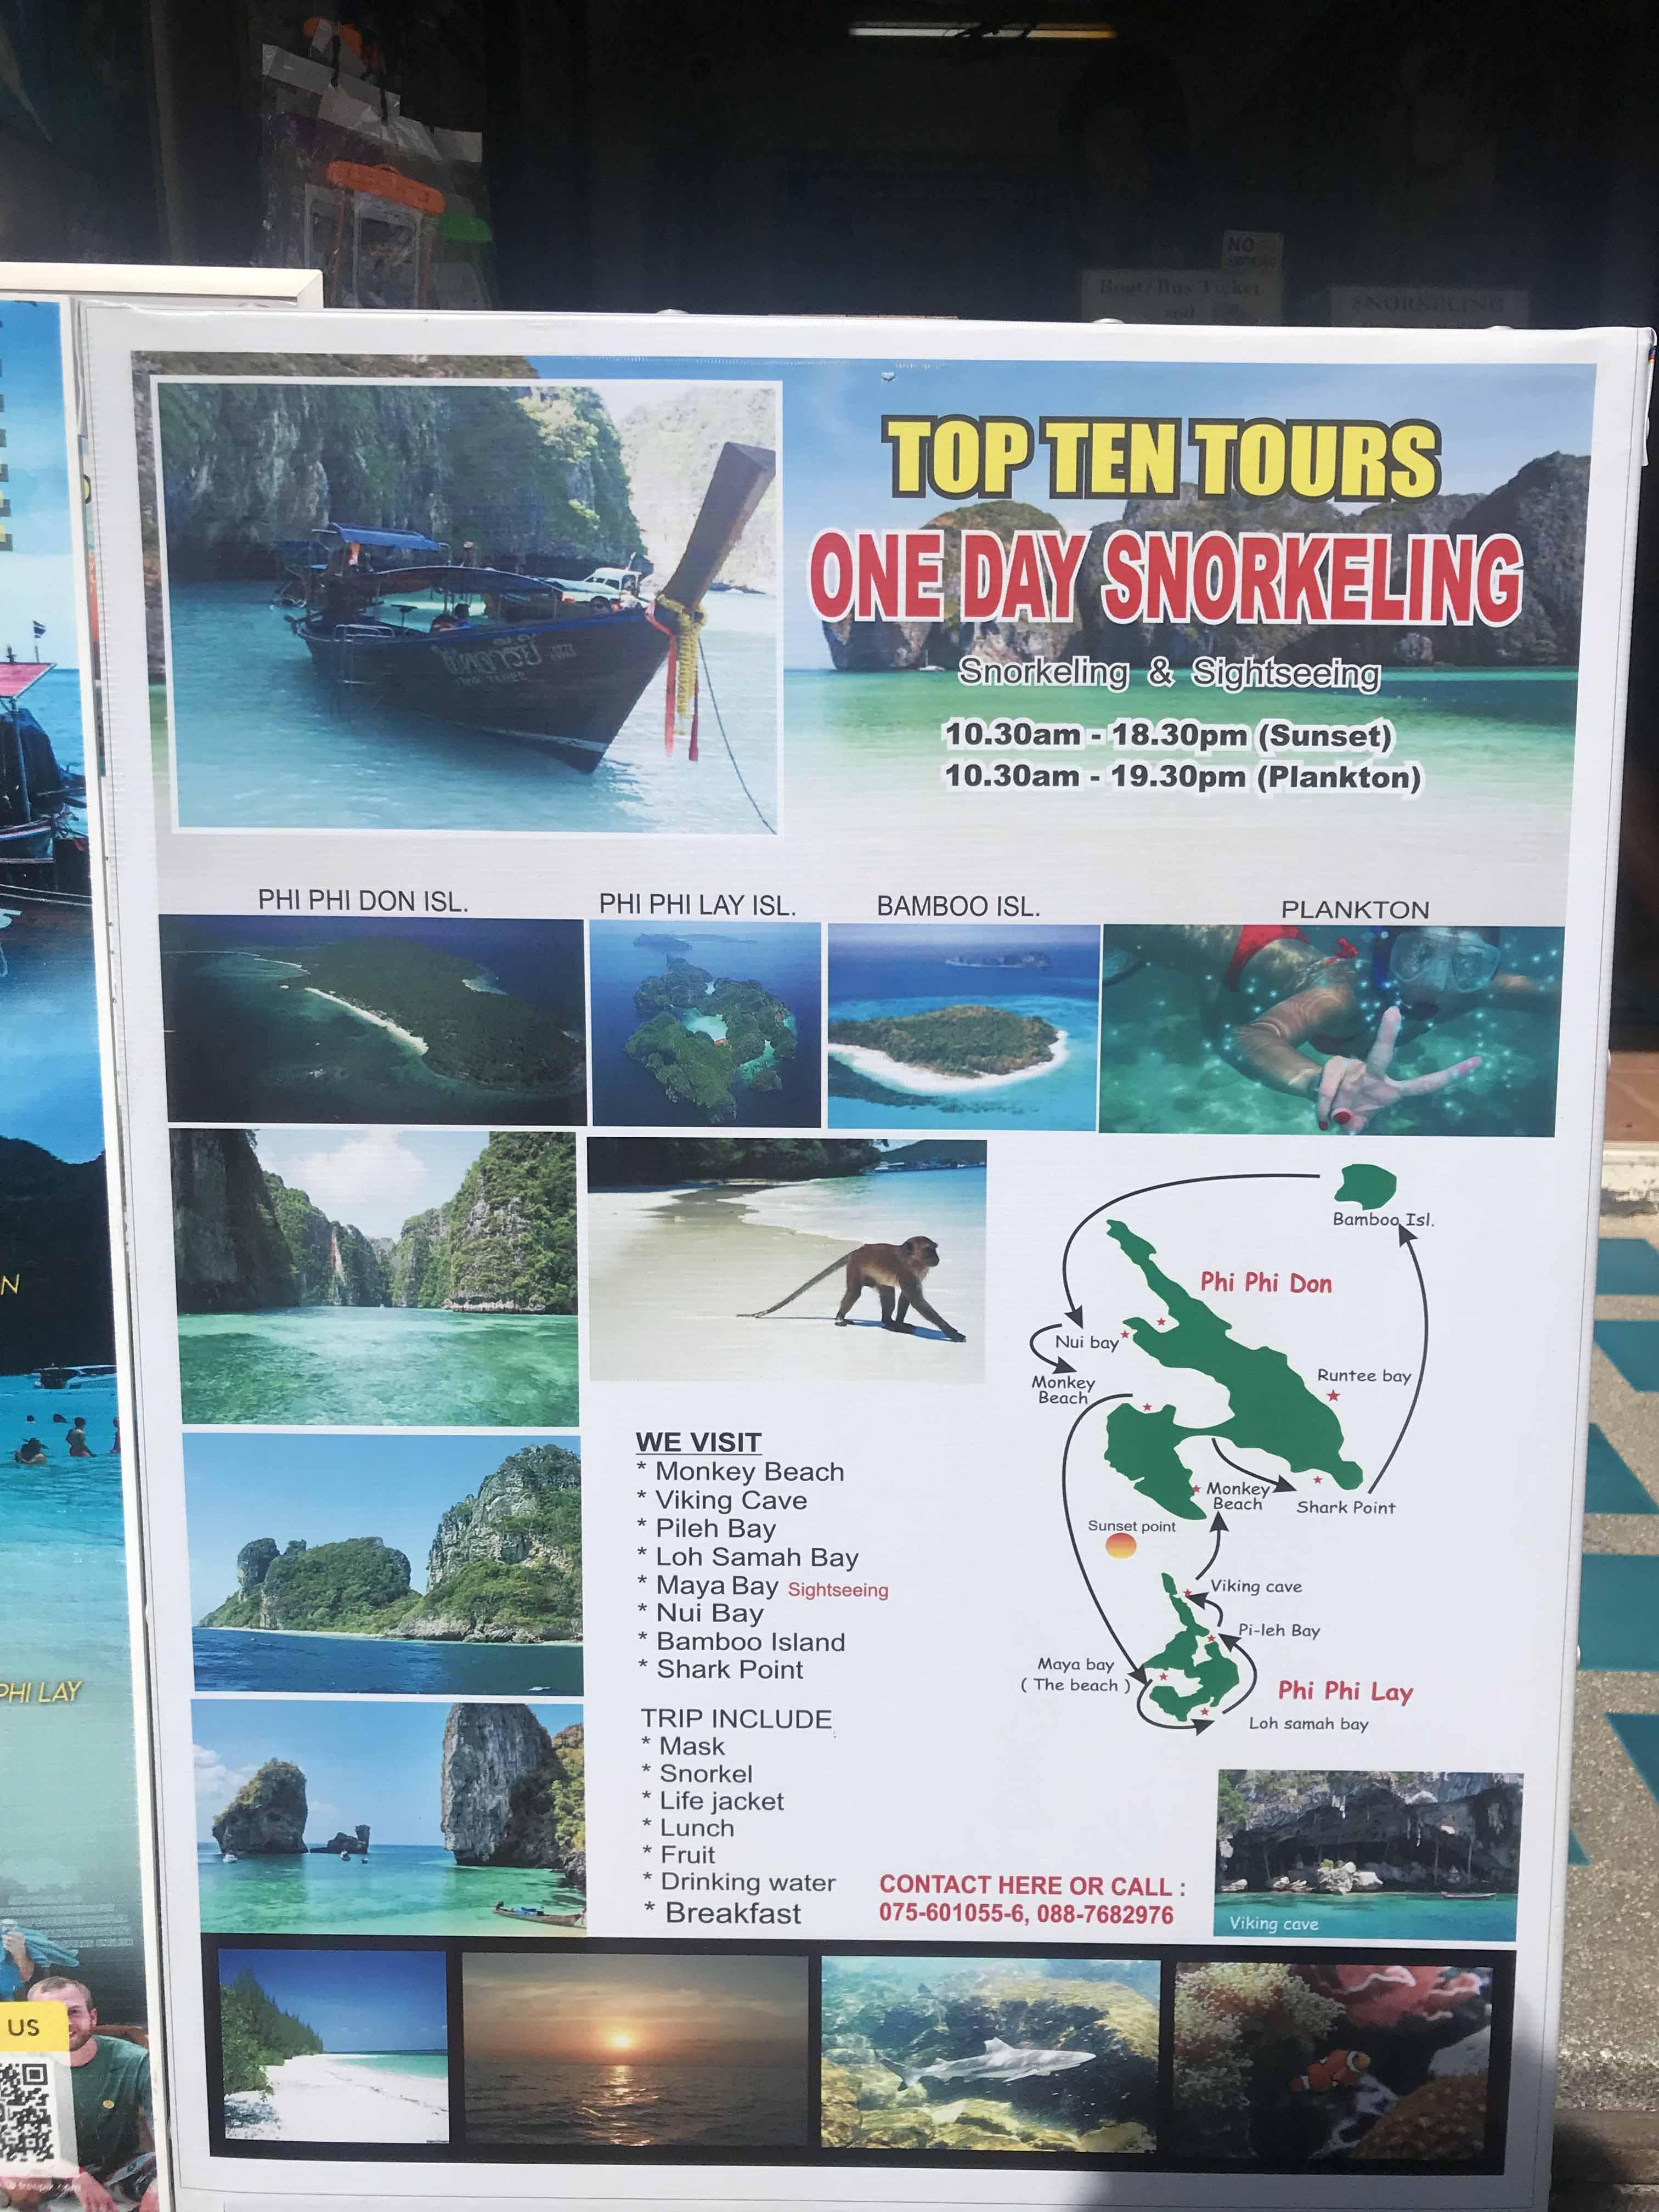 ピピ島のダイビングやオプショナルツアーは現地予約が格安でおすすめ!:アイランドホッピング